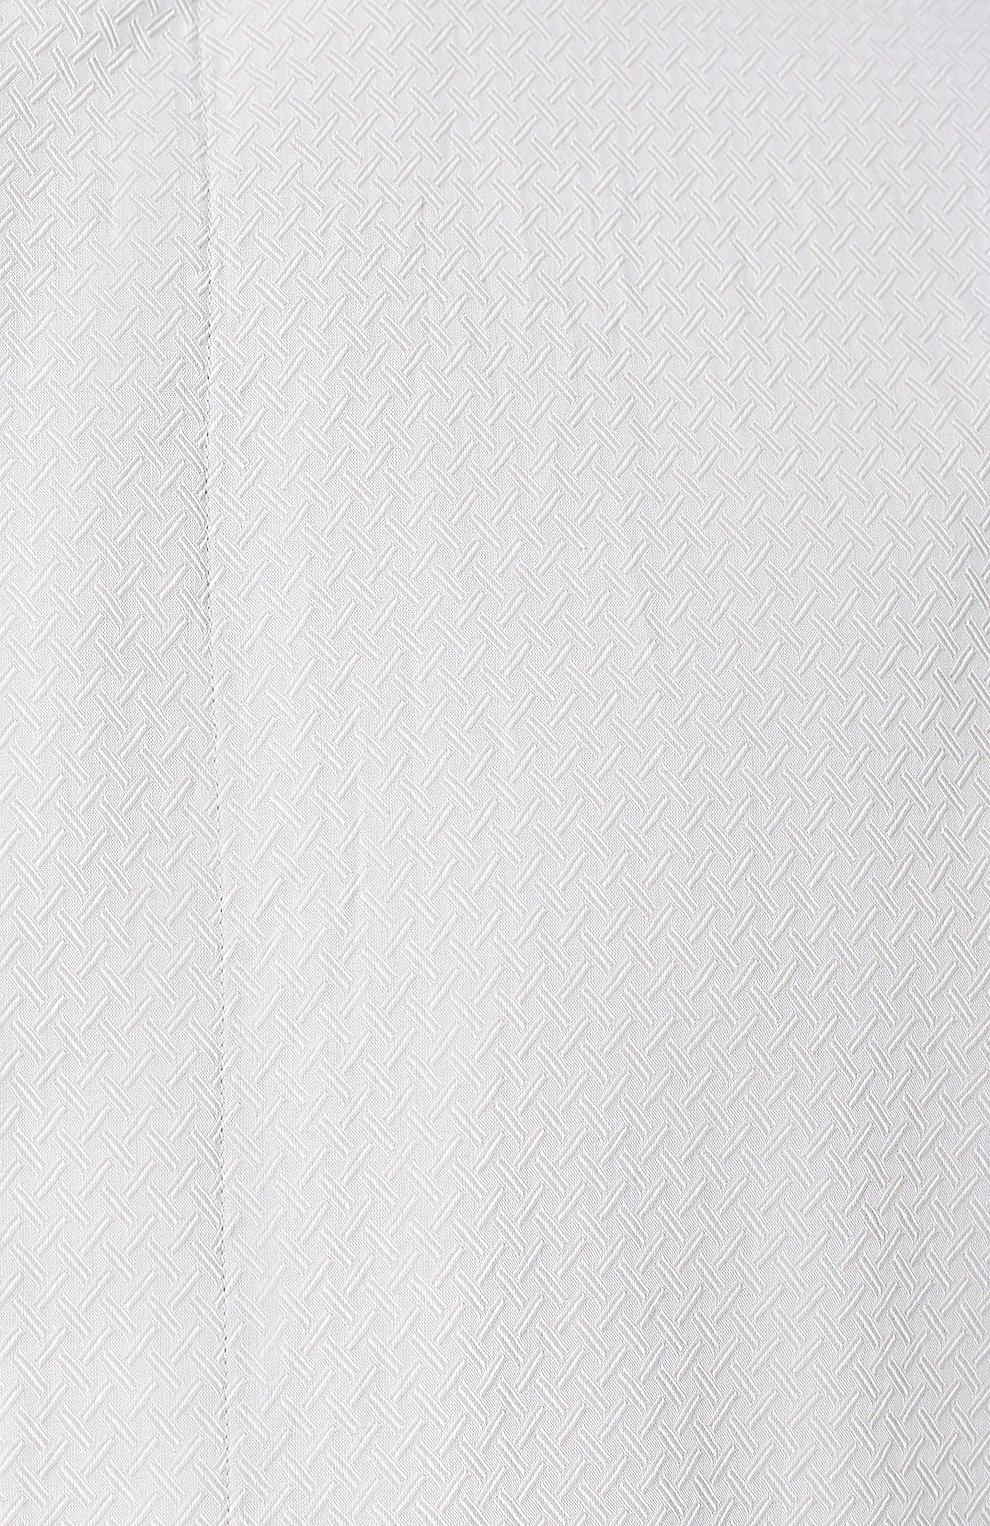 Мужская хлопковая рубашка с воротником мандарин GIORGIO ARMANI серого цвета, арт. 9SGCCZ10/TZ211 | Фото 5